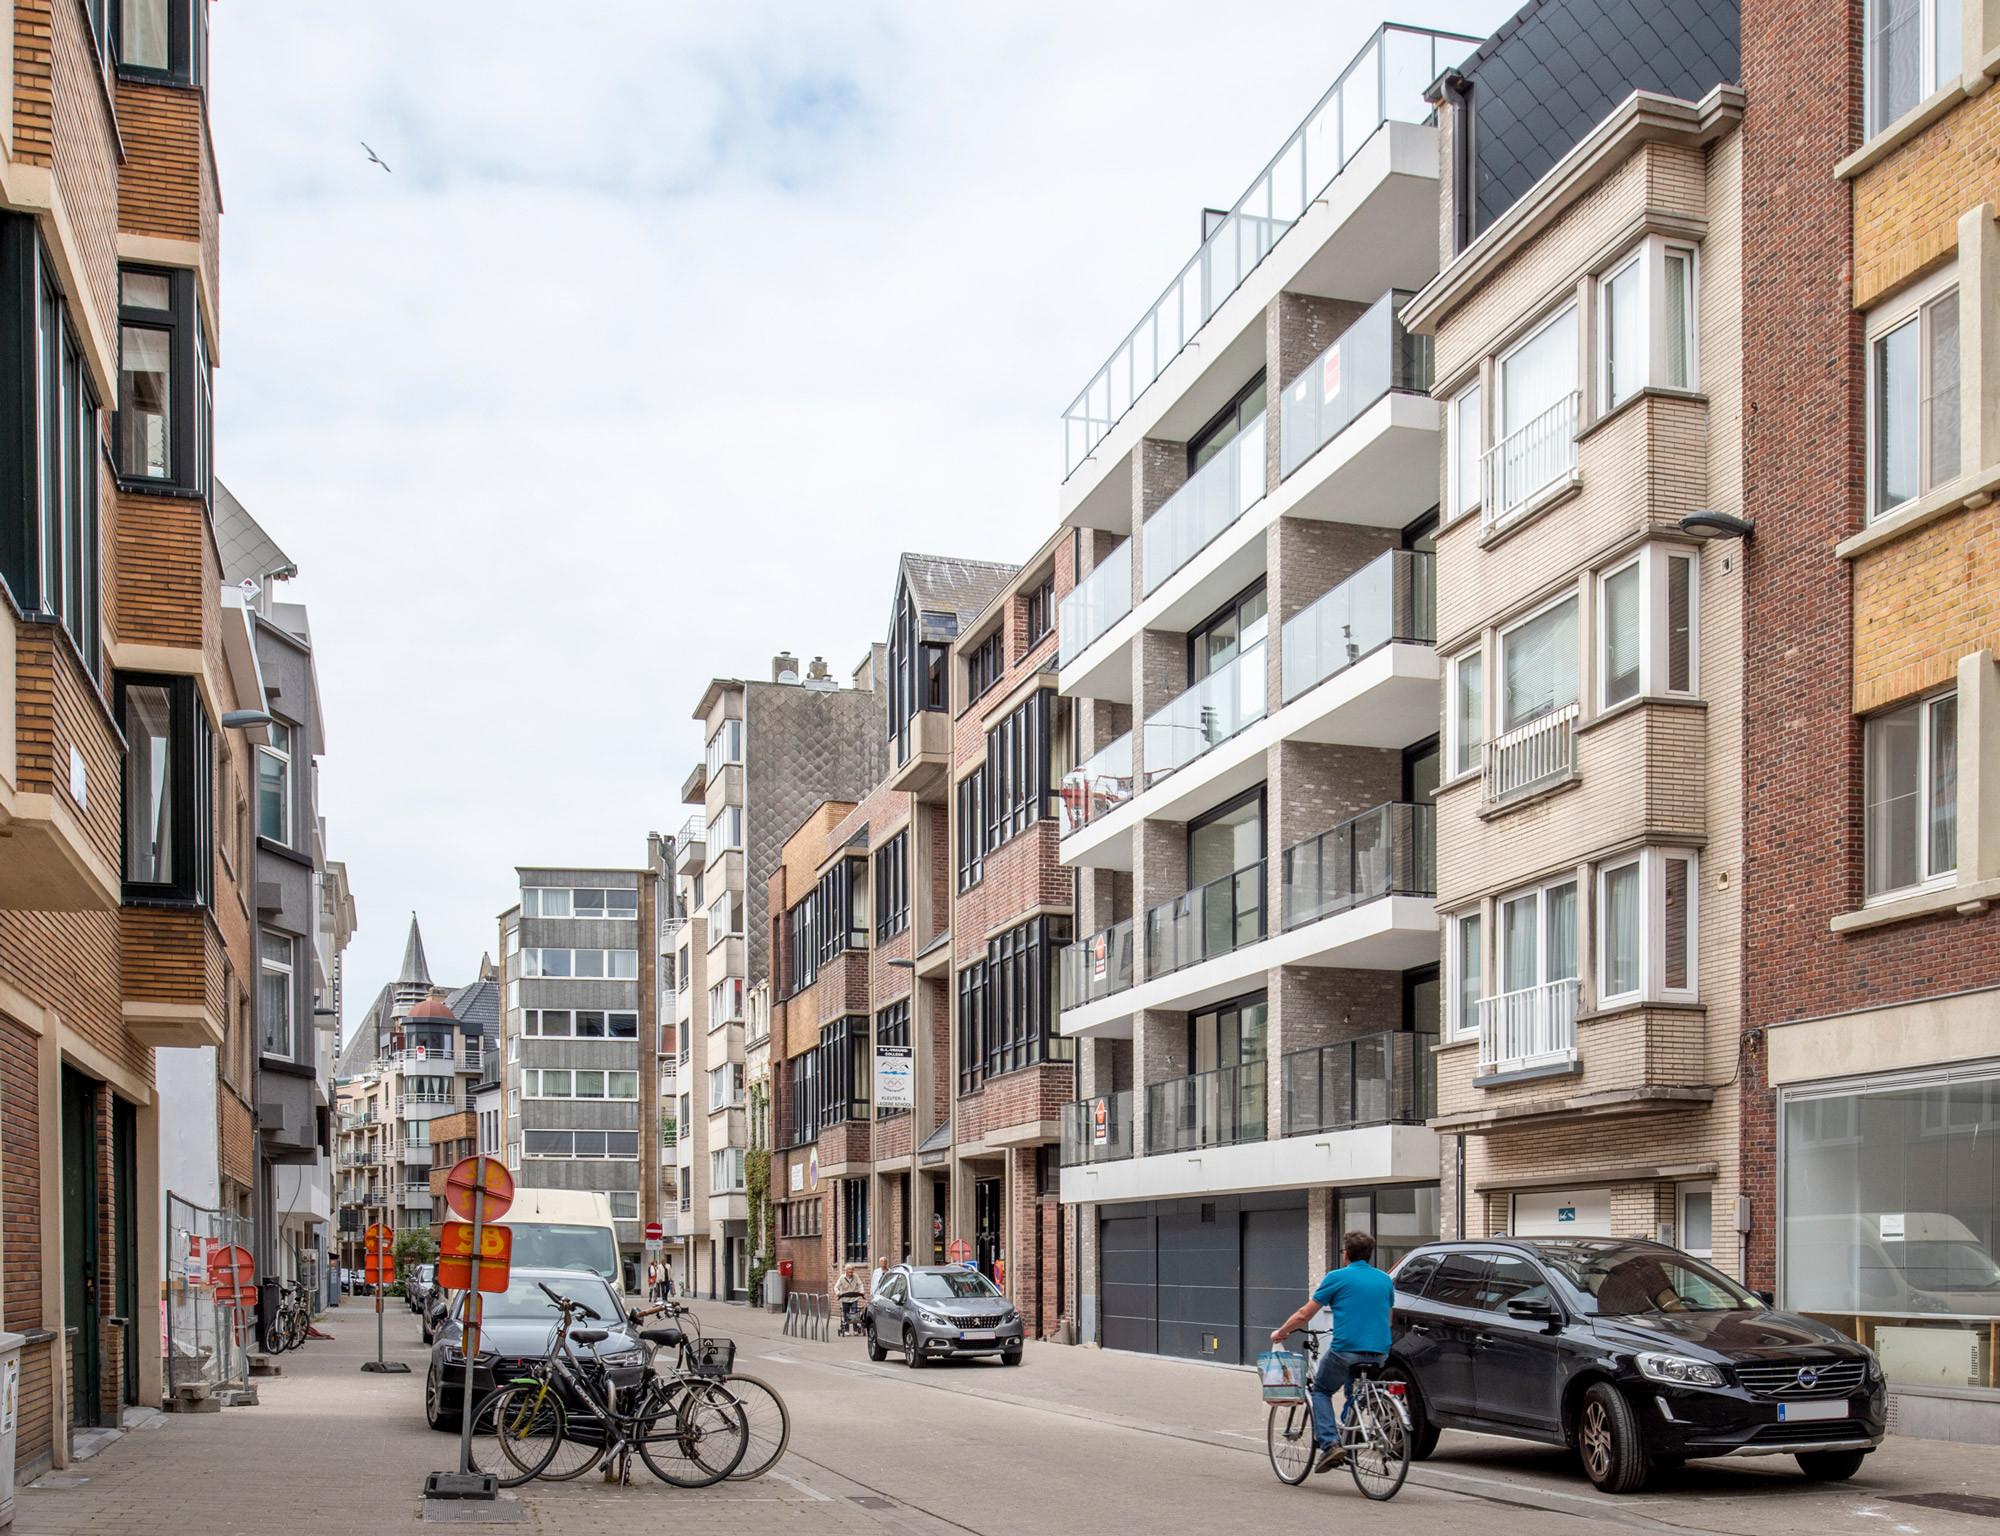 Meergezinswoning2_Oostende_Claeys Architecten.jpg